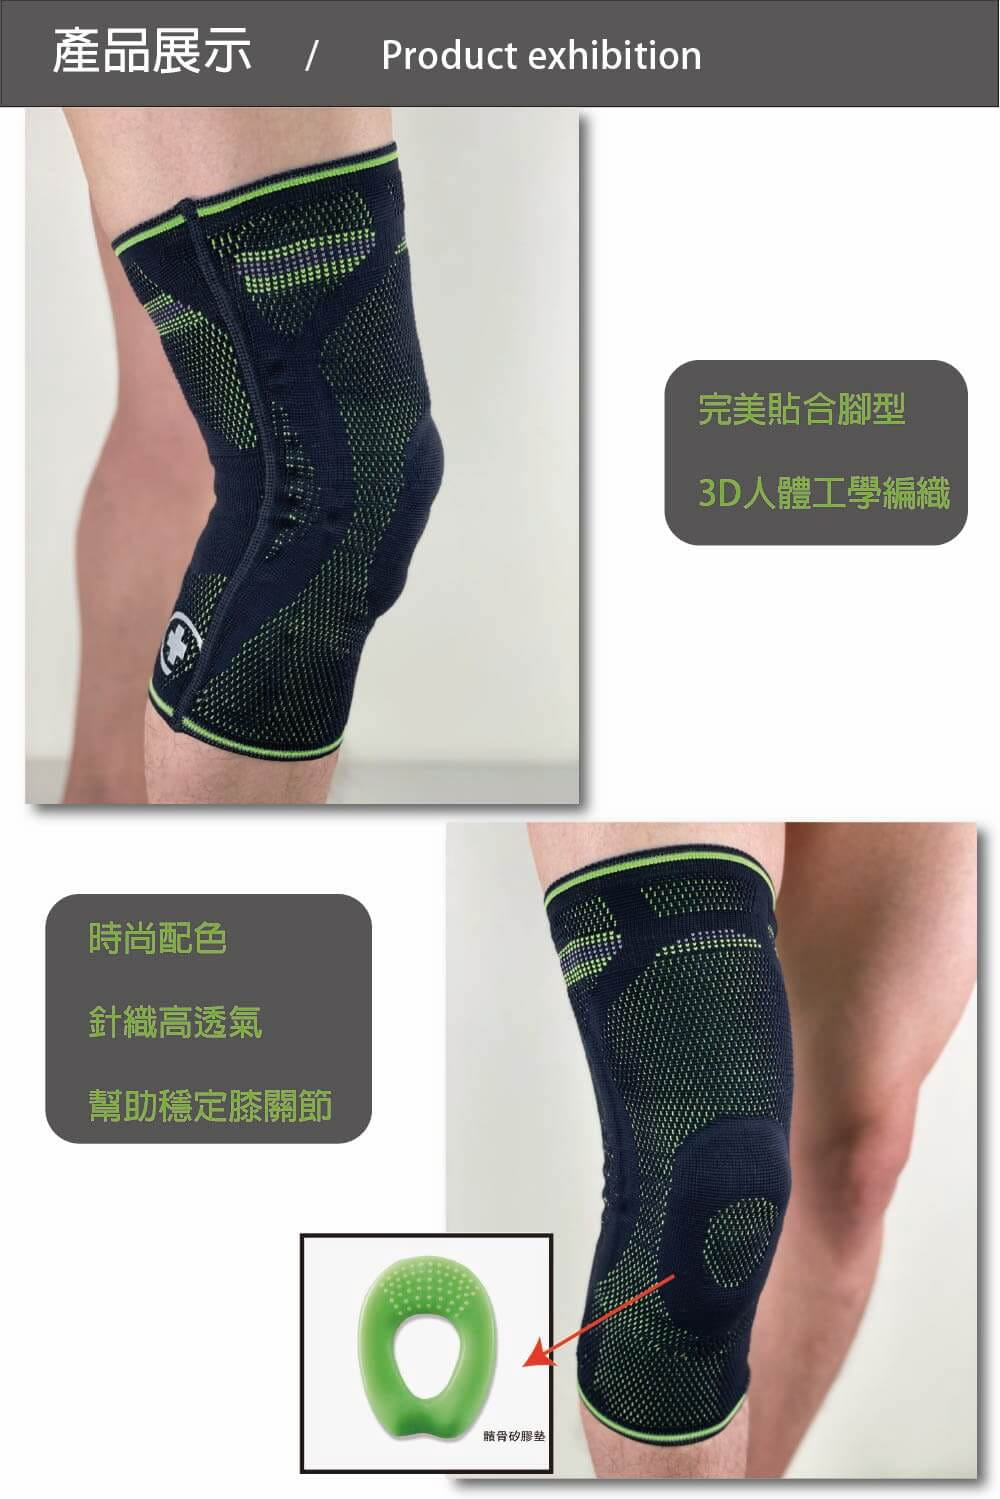 【居家醫療護具】【BORT】德製運動護膝-H5027(膝關節) 4